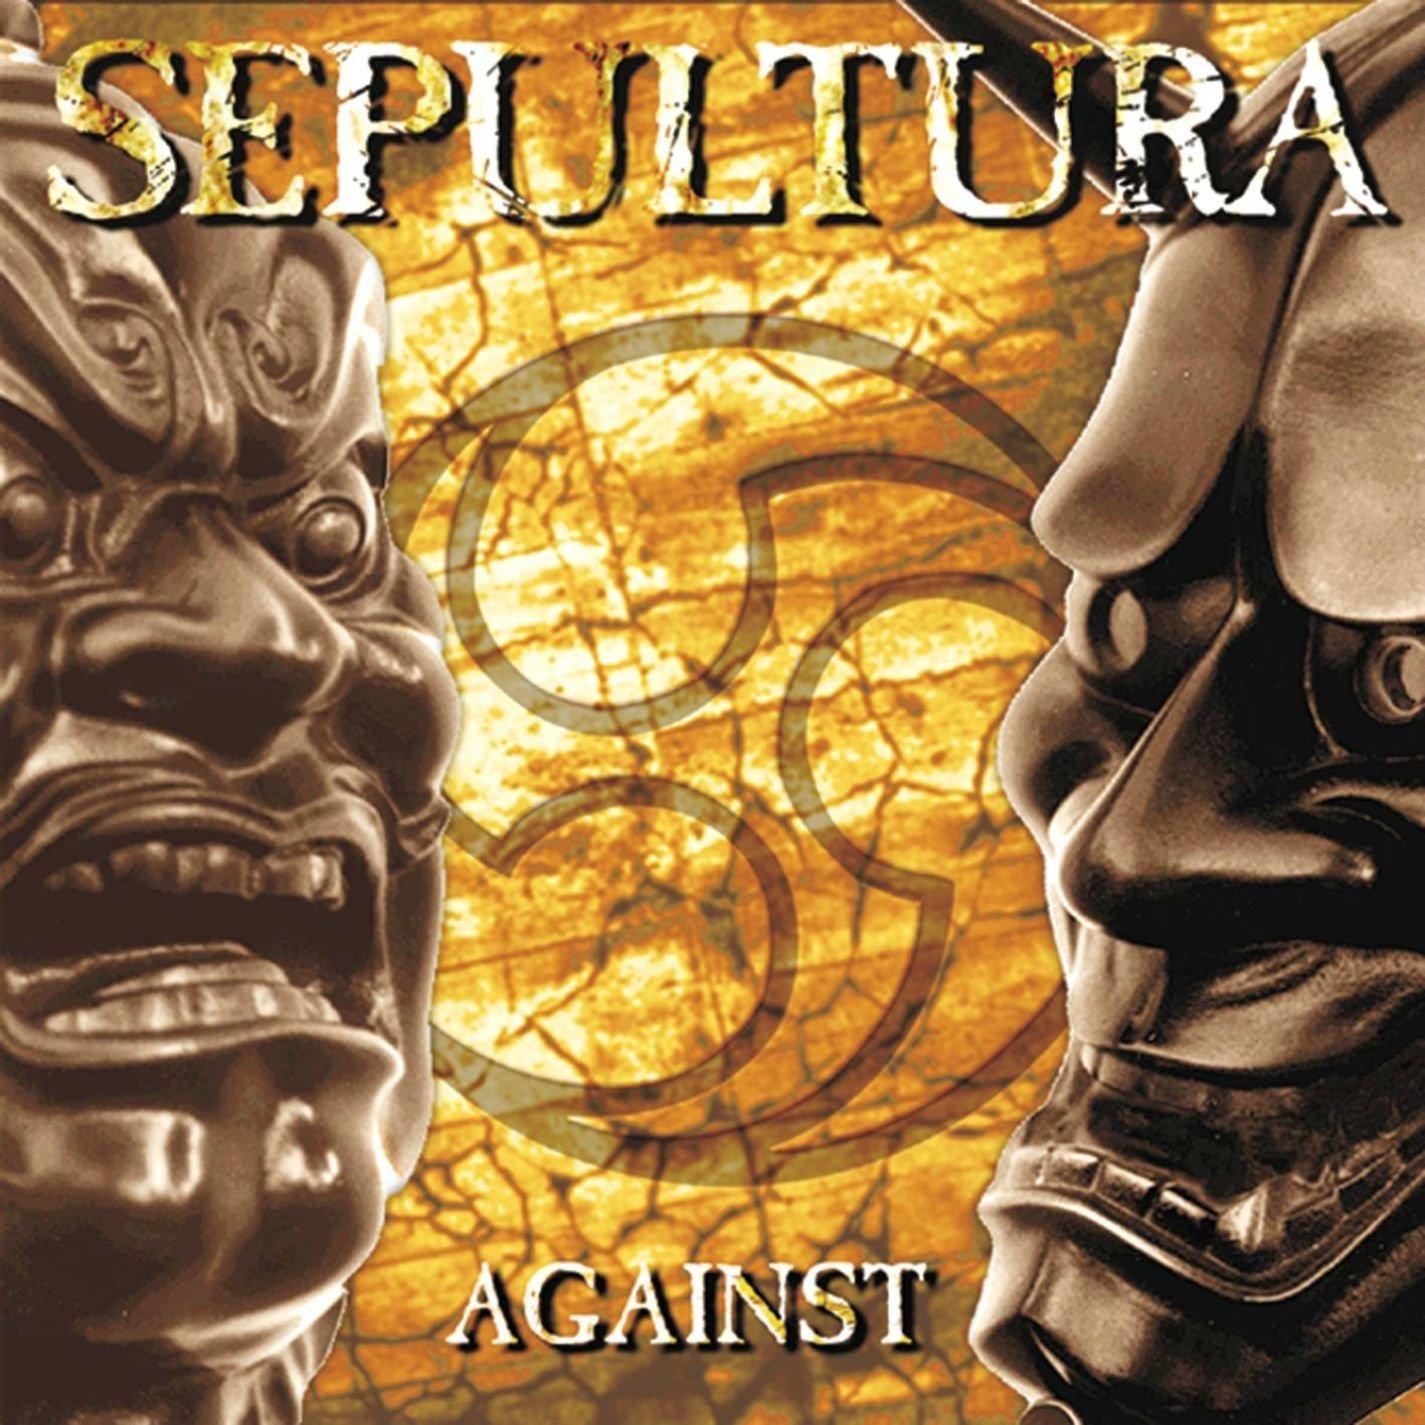 1998 Against.jpg